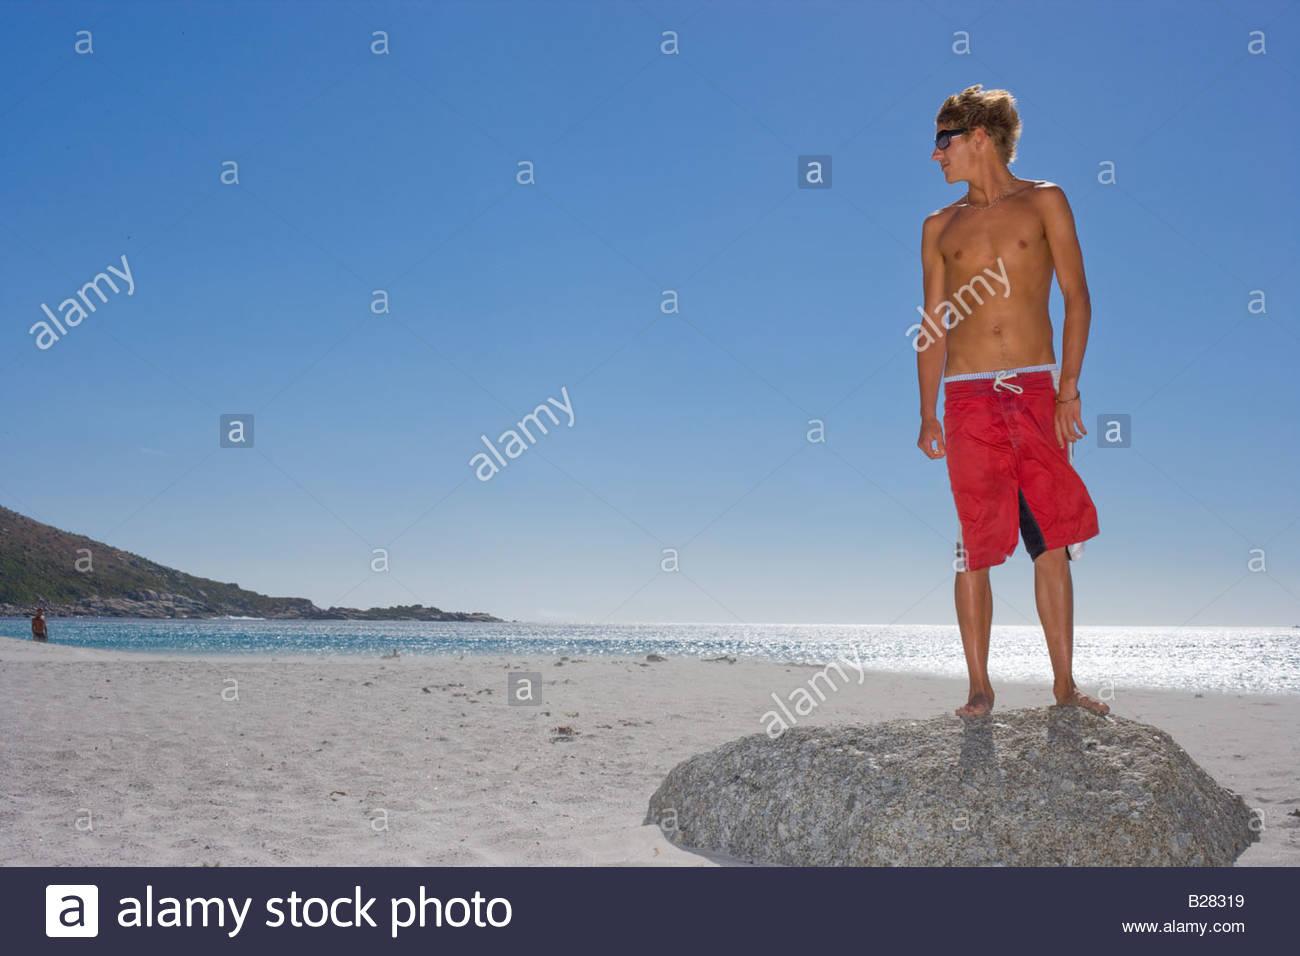 Jeune homme en maillot de bain sur rocher sur la plage, low angle view Photo Stock